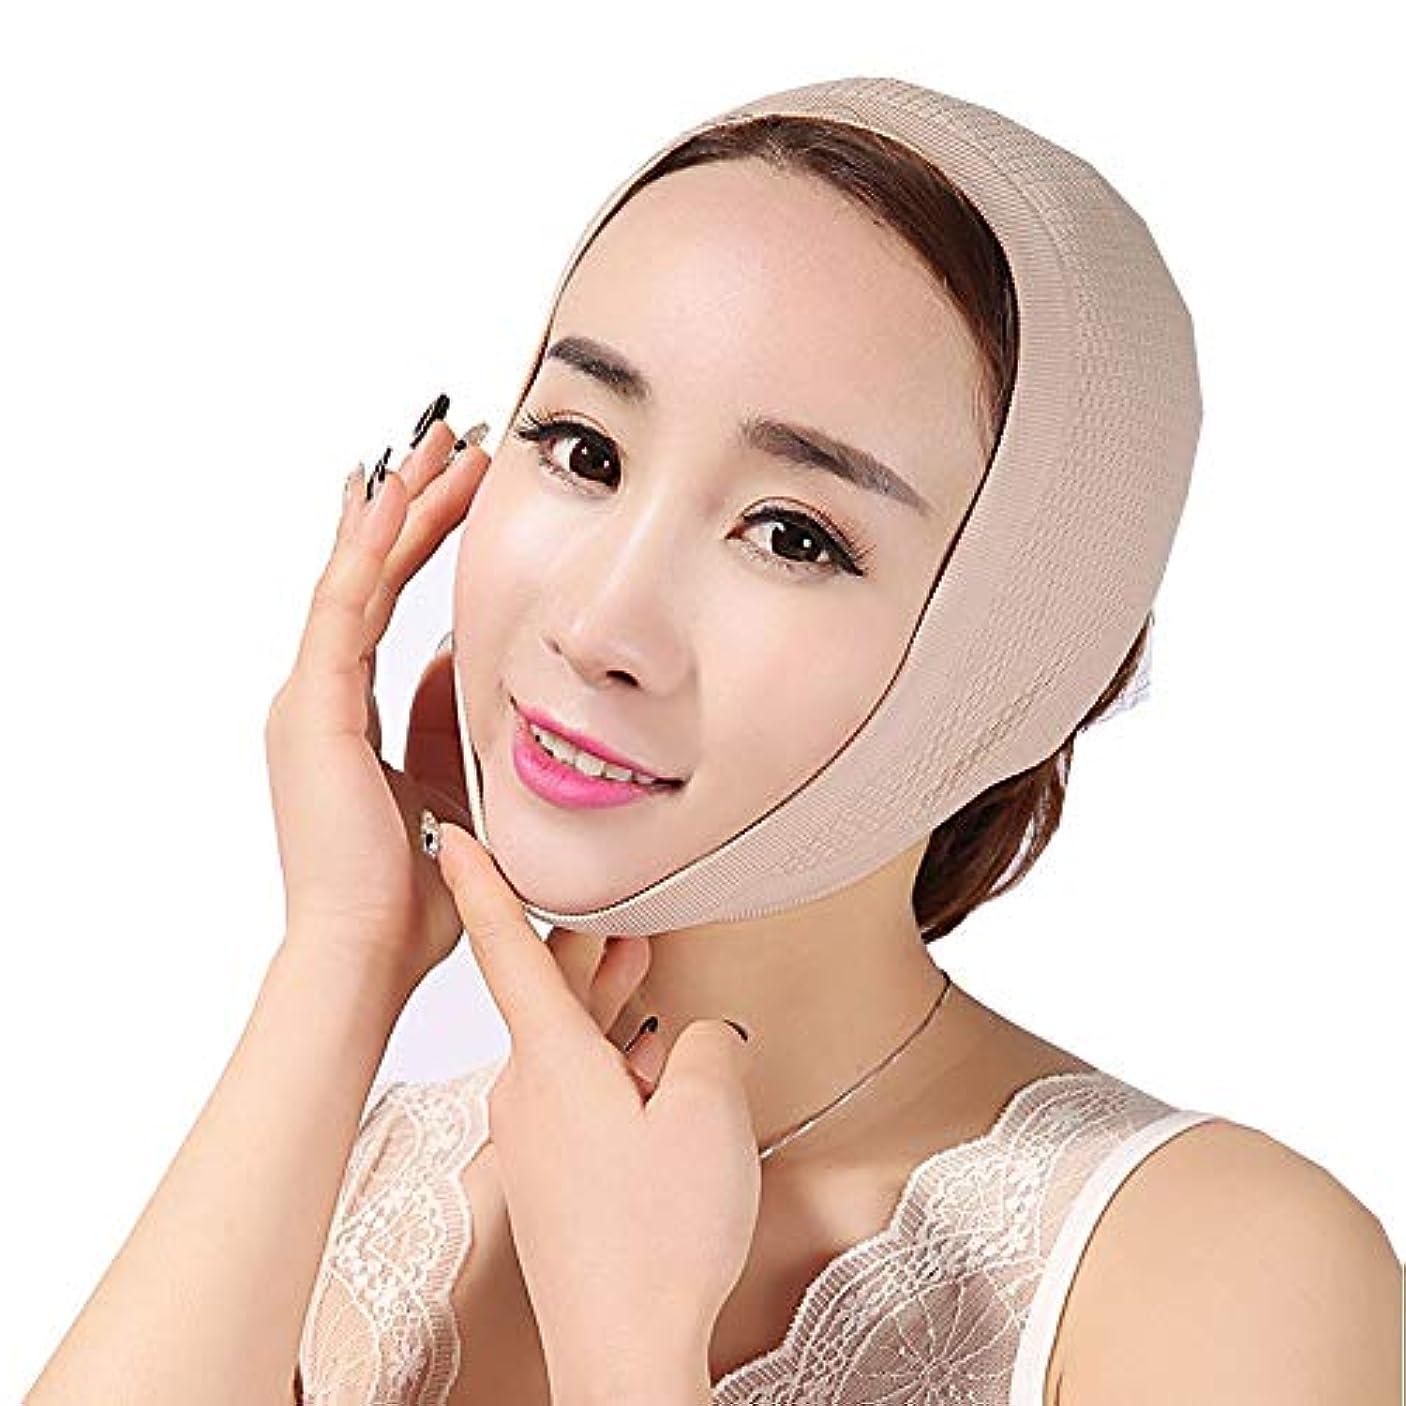 強風機知に富んだ見えないGYZ フェイスマスクで眠る薄い顔フェイスリフトフェイスリフトアーティファクトスモールフェイスVフェイスリフト付きフェイスフェイス包帯引き上げジョーセット Thin Face Belt